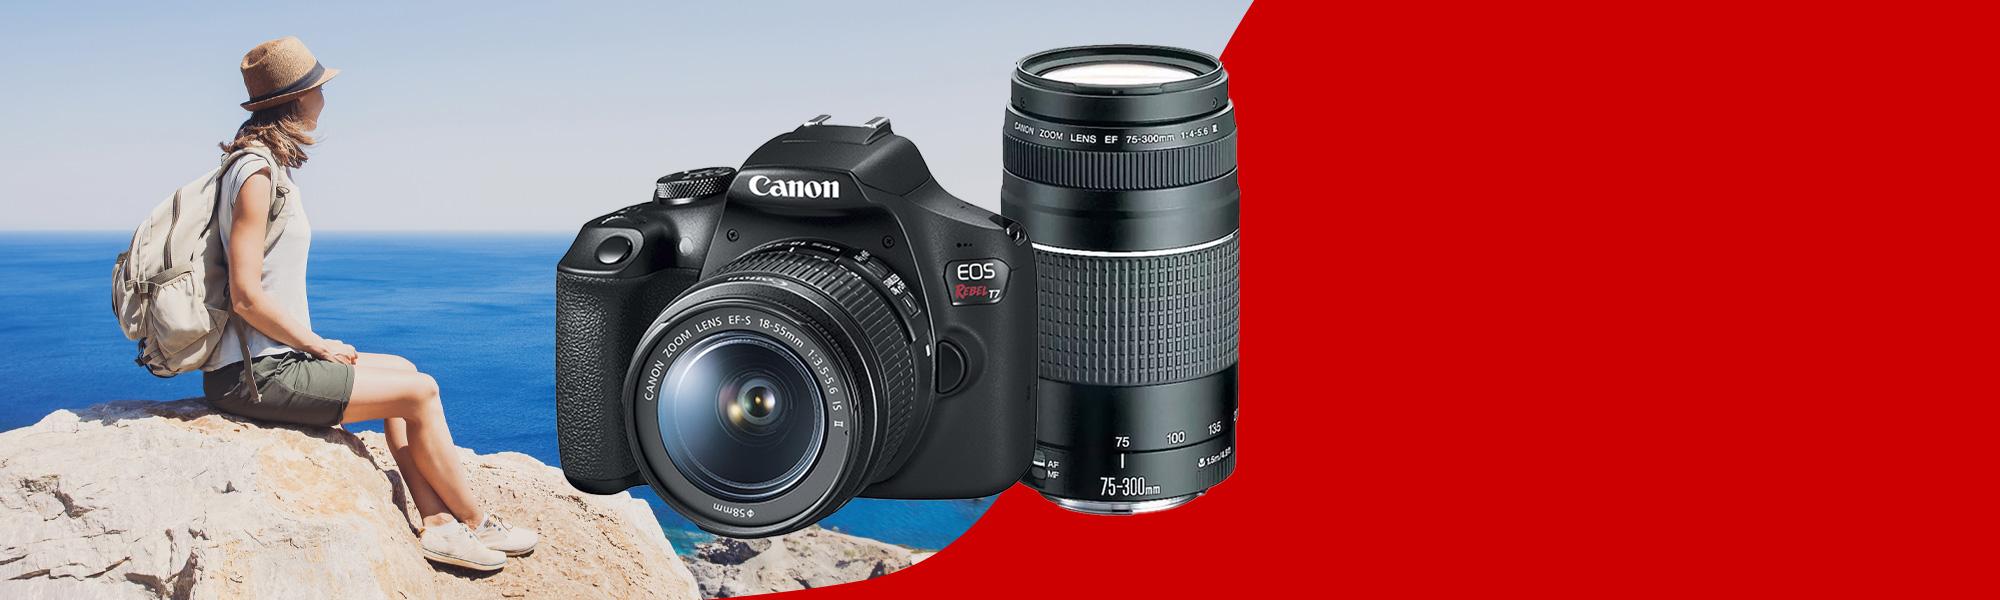 Combo Câmera EOS T7+ Reembalada Viajante com Lente EF-S 18-55mm + EF 75-300mm - Novo